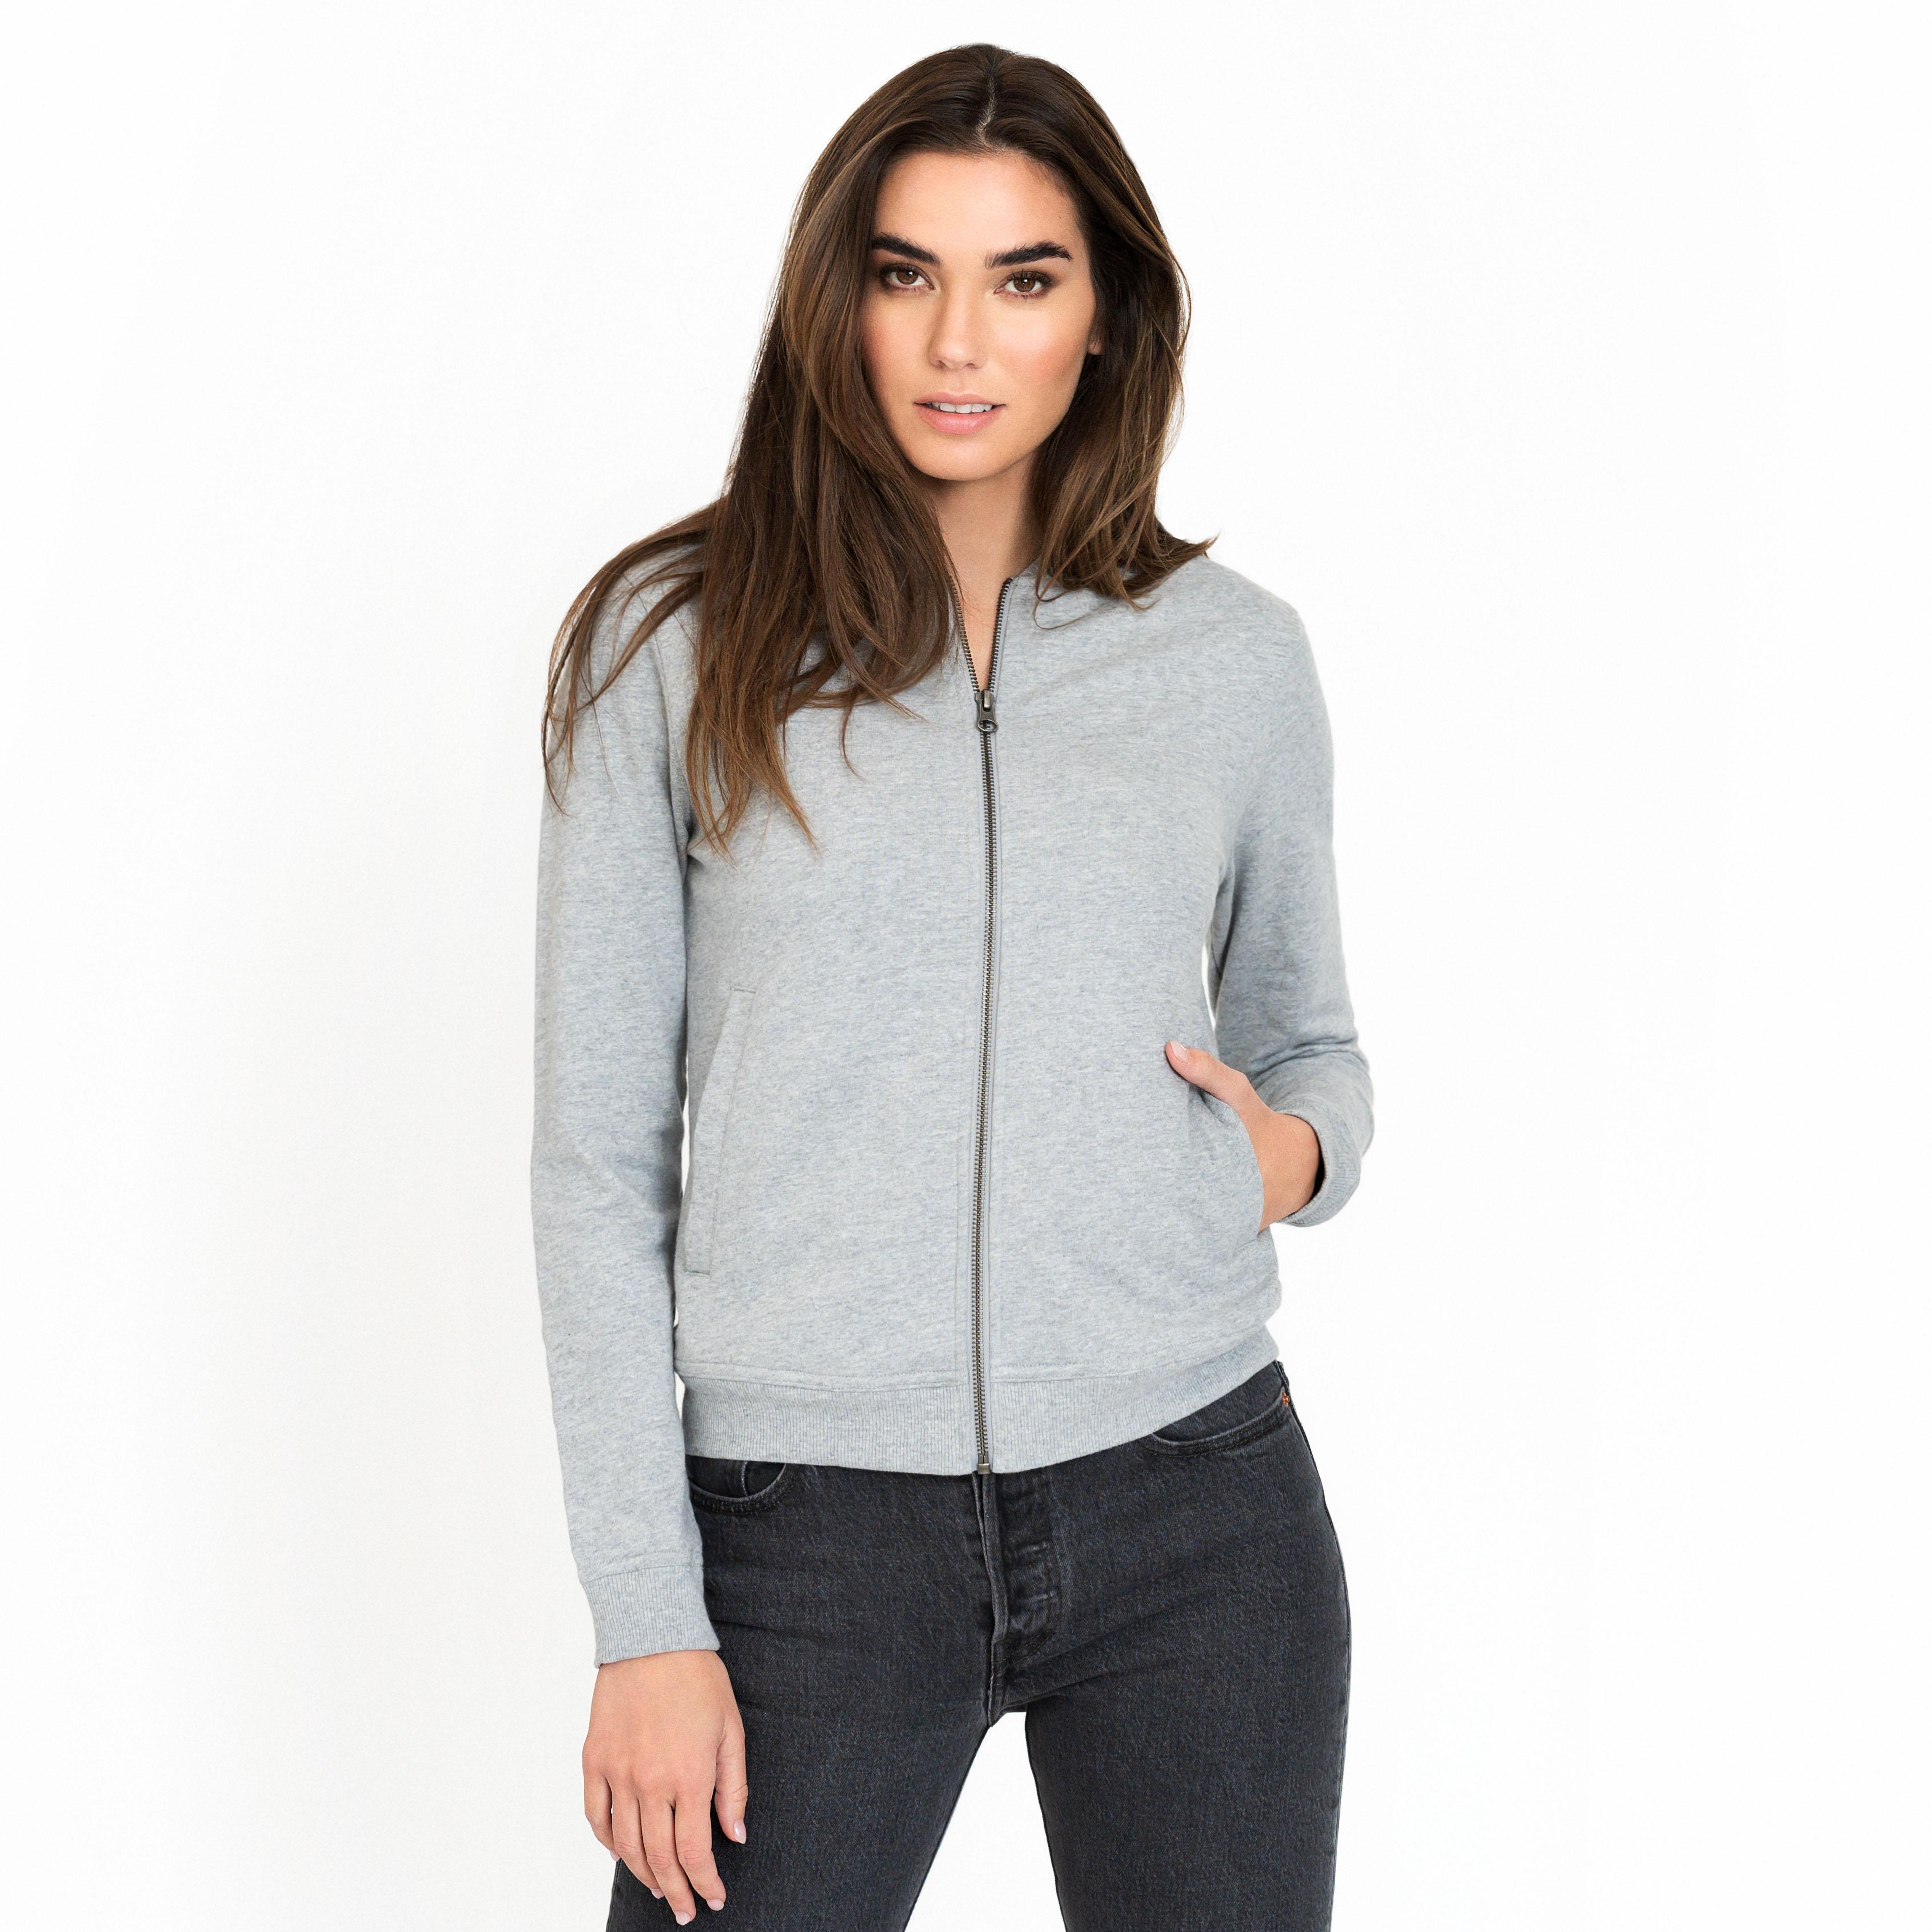 Women's Jersey Jacket